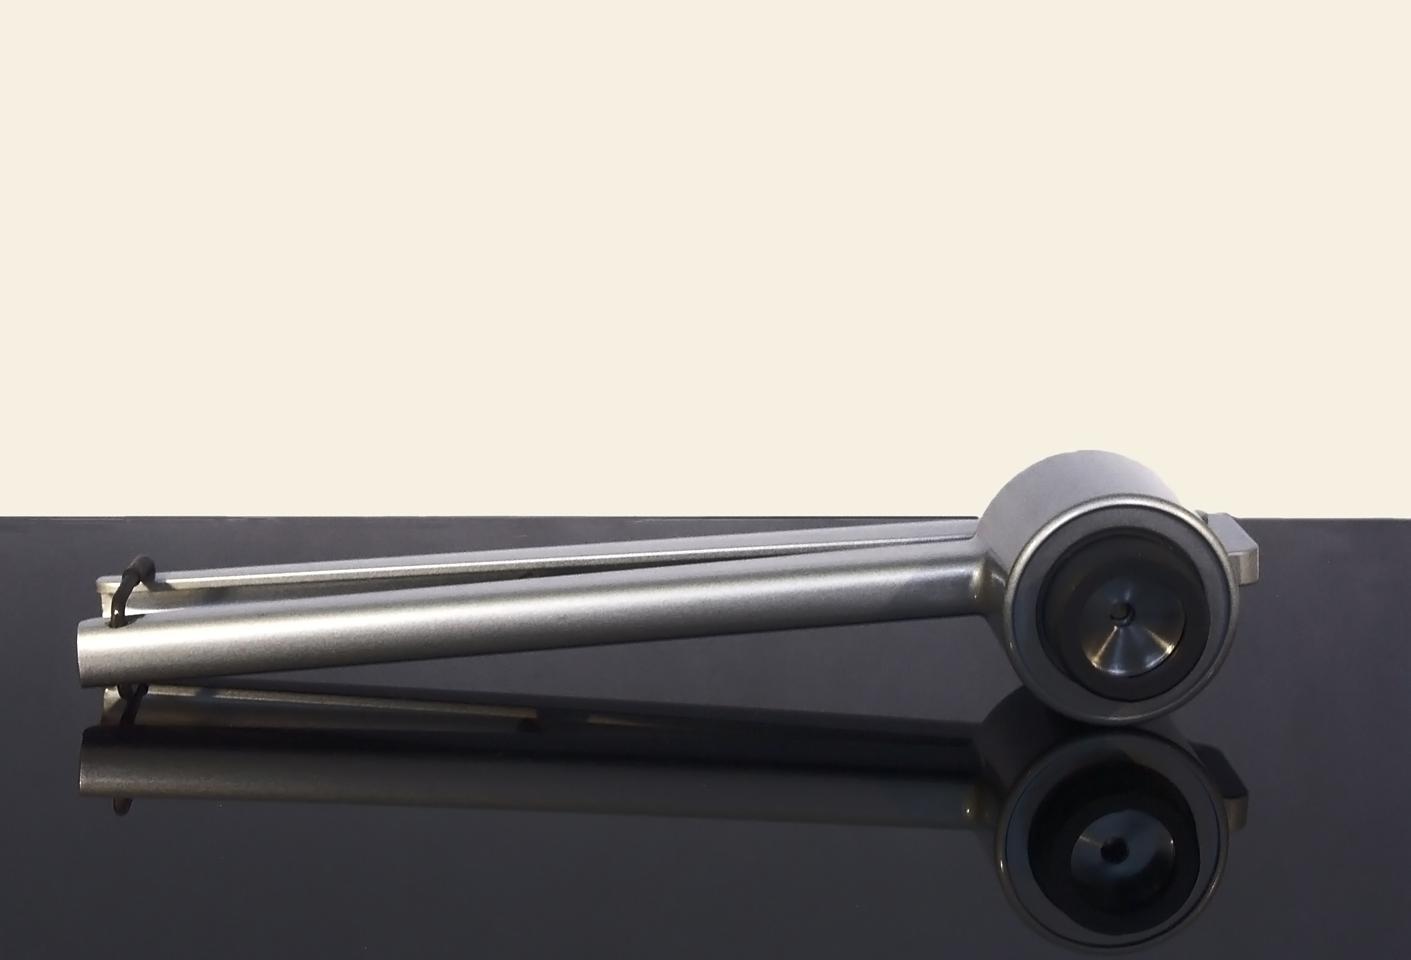 Kleště pro zavírání lékovek průměr 11,5 mm KZ 11